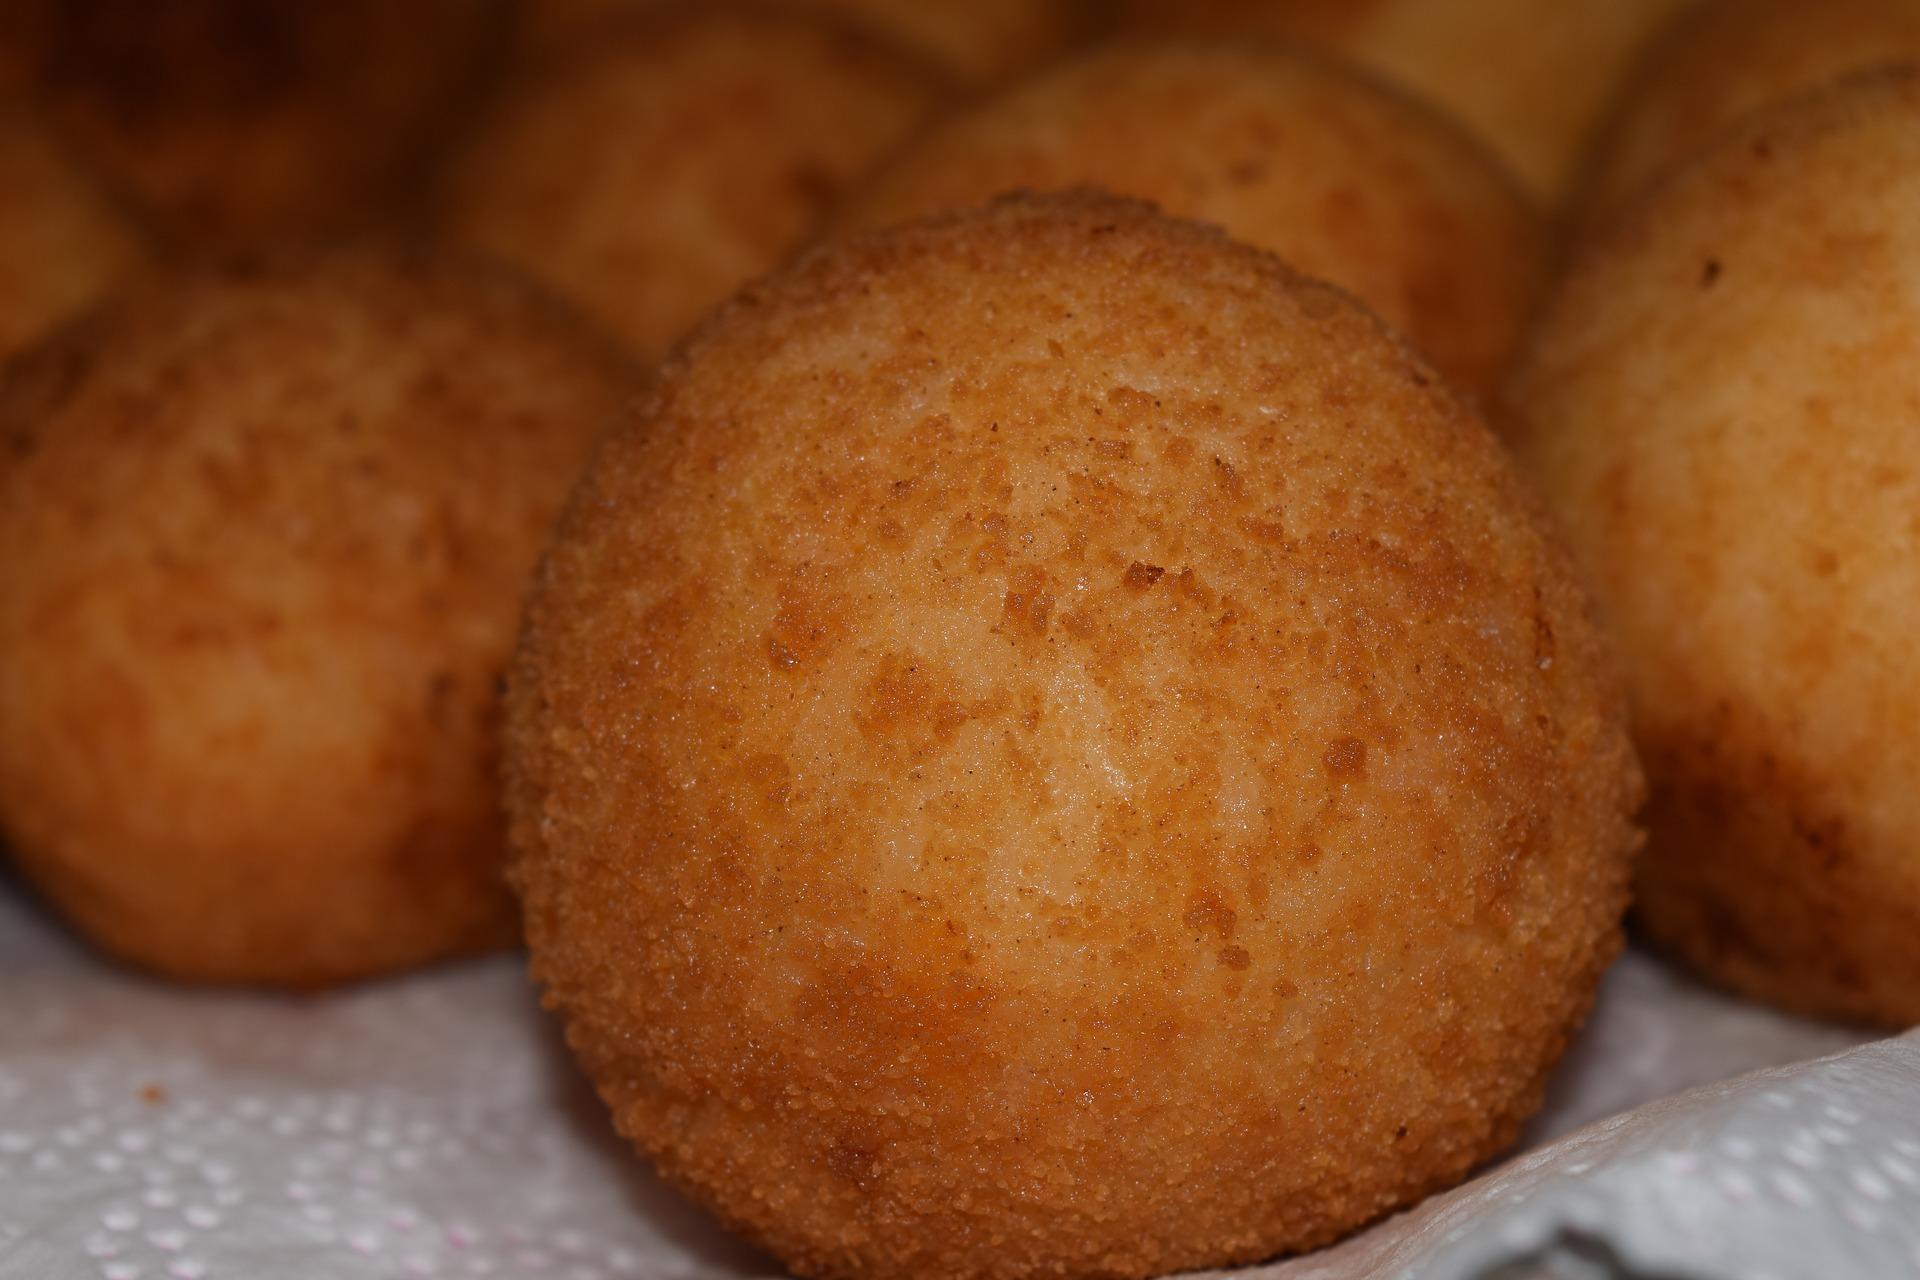 Arancino di riso al ragù ricetta tradizionale siciliana